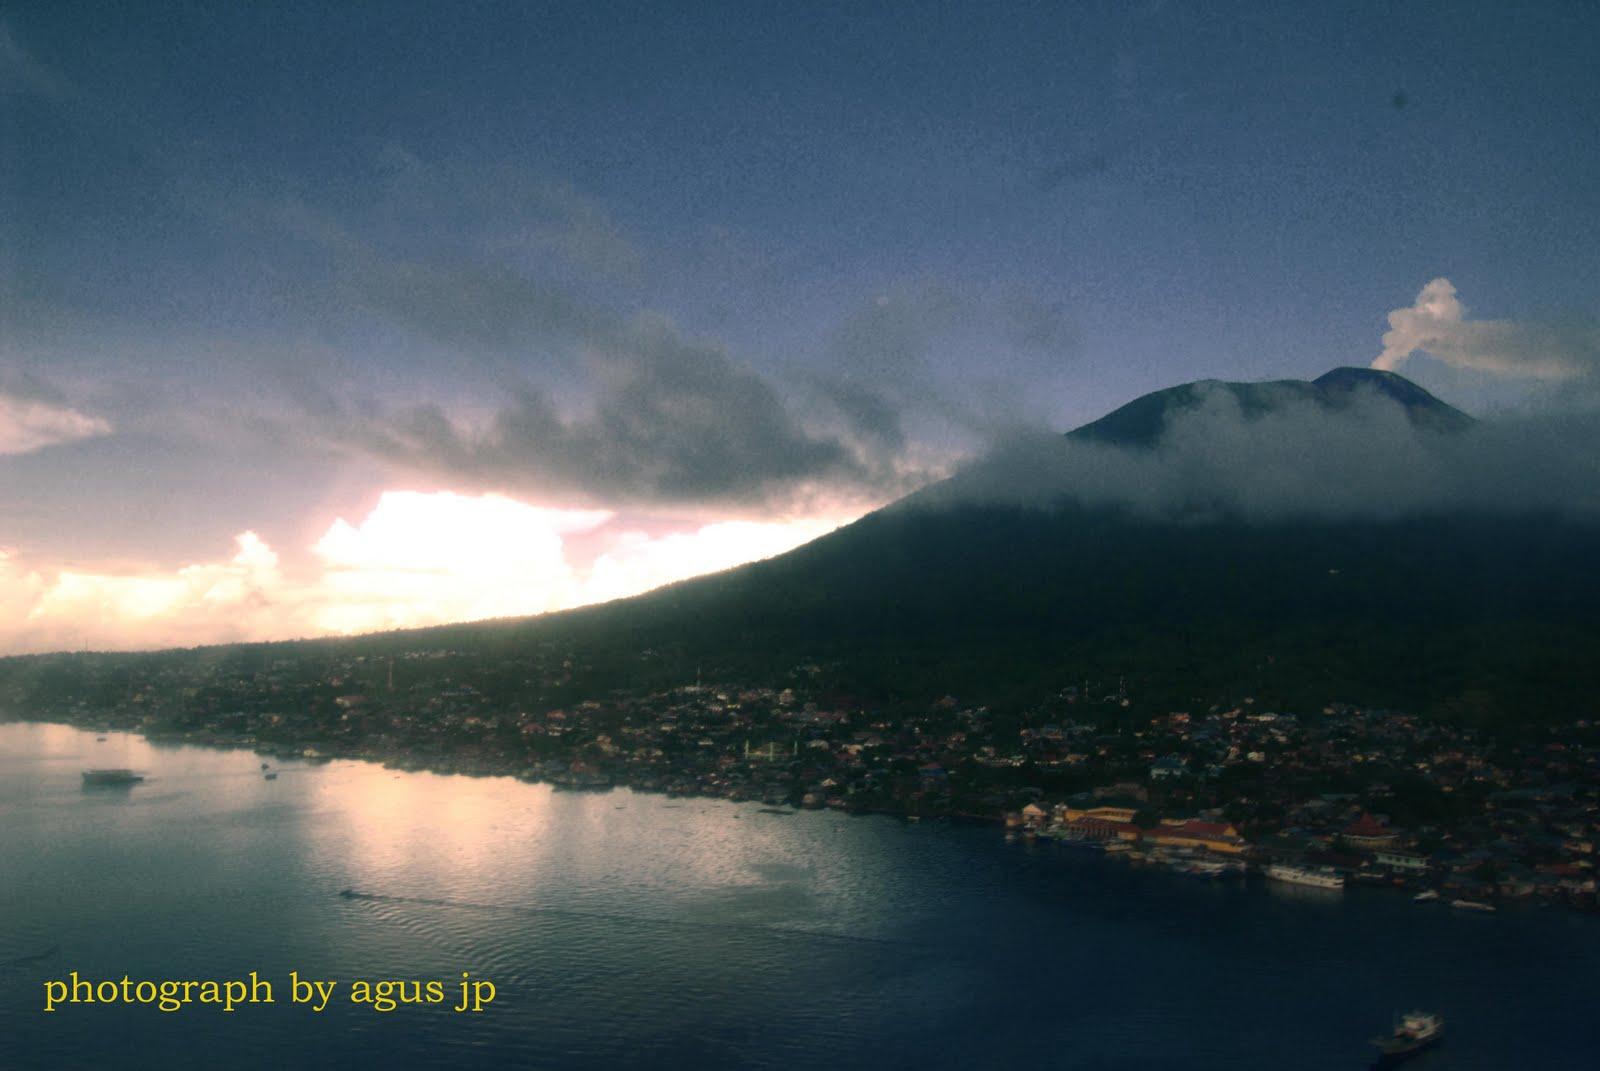 gambar Gunung Gamalam di Ternate maluku Utara - Ardi La